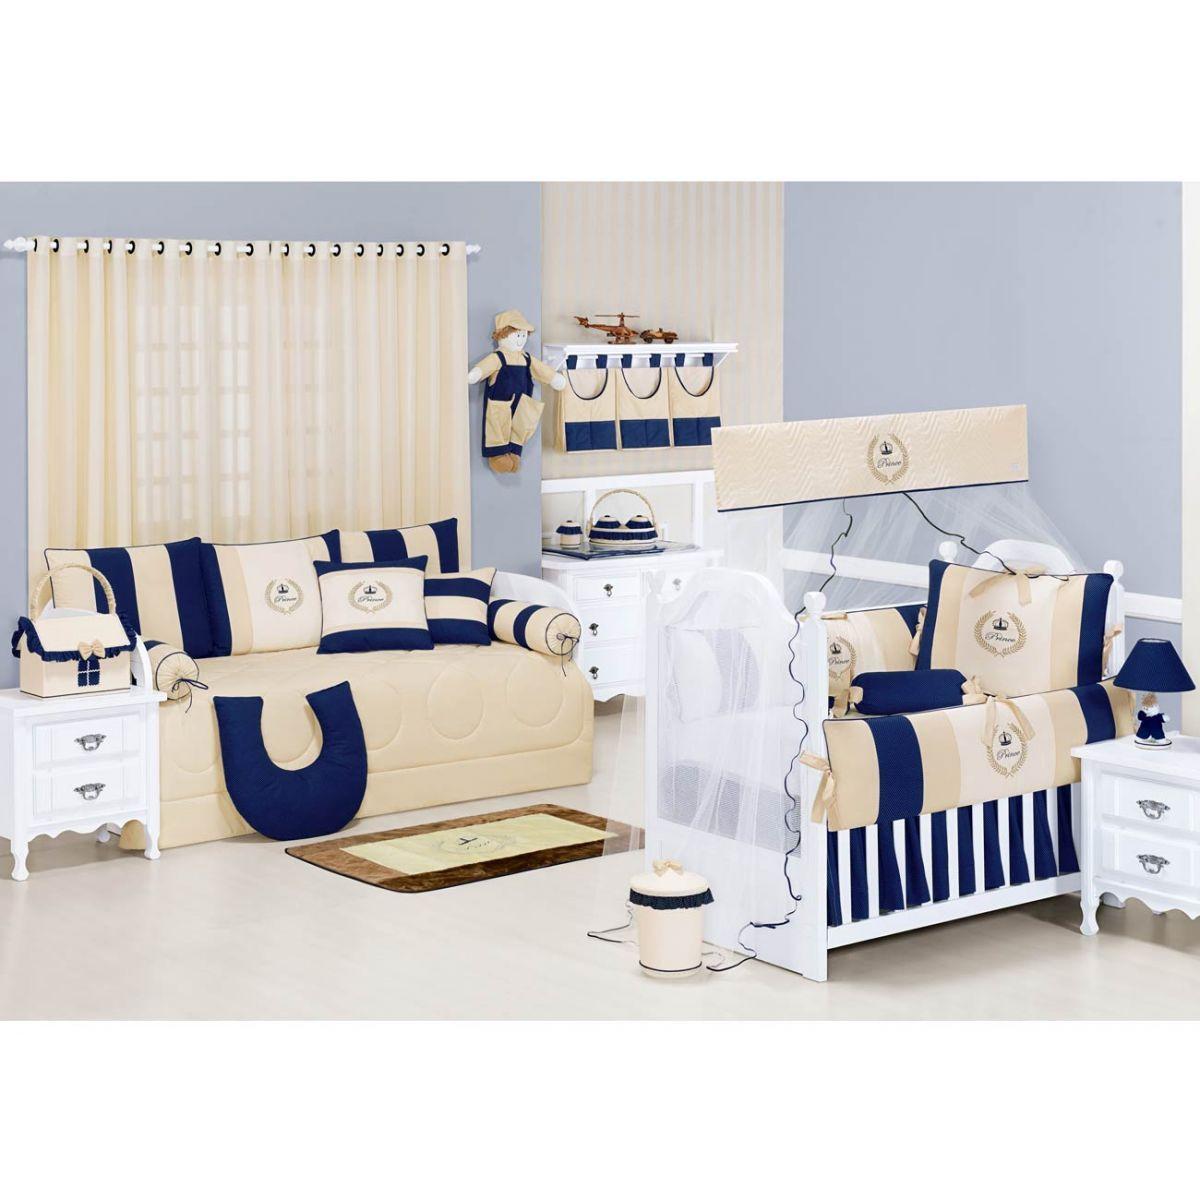 Apoio para Amamentar Bebê - Coleção My Prince Marinho